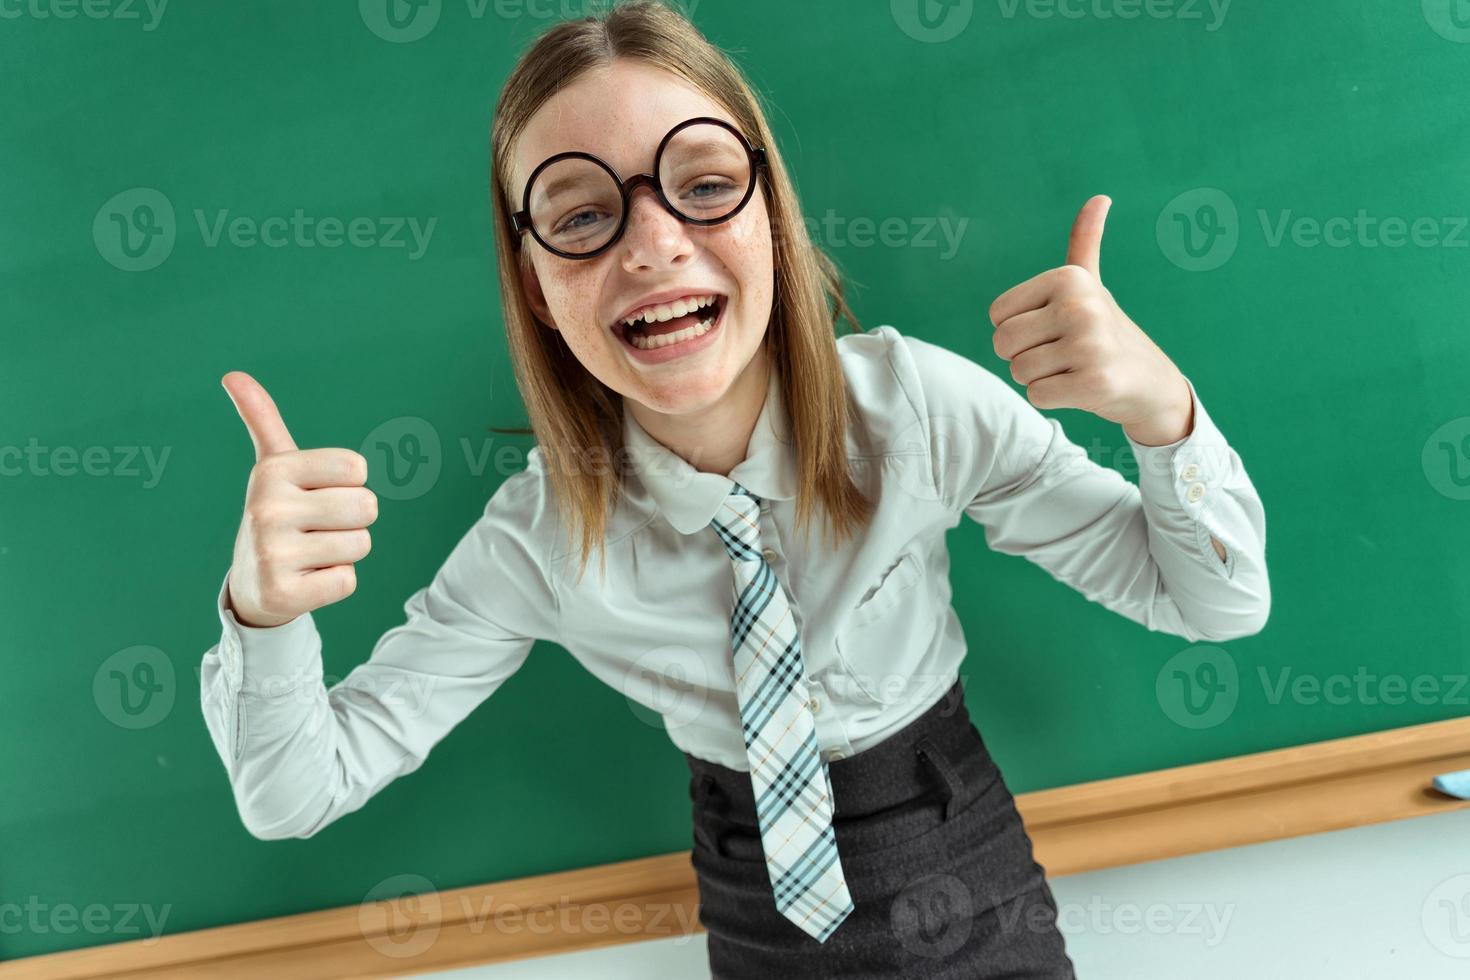 humoristique, haute vue angle, de, heureux, jeune, écolière photo